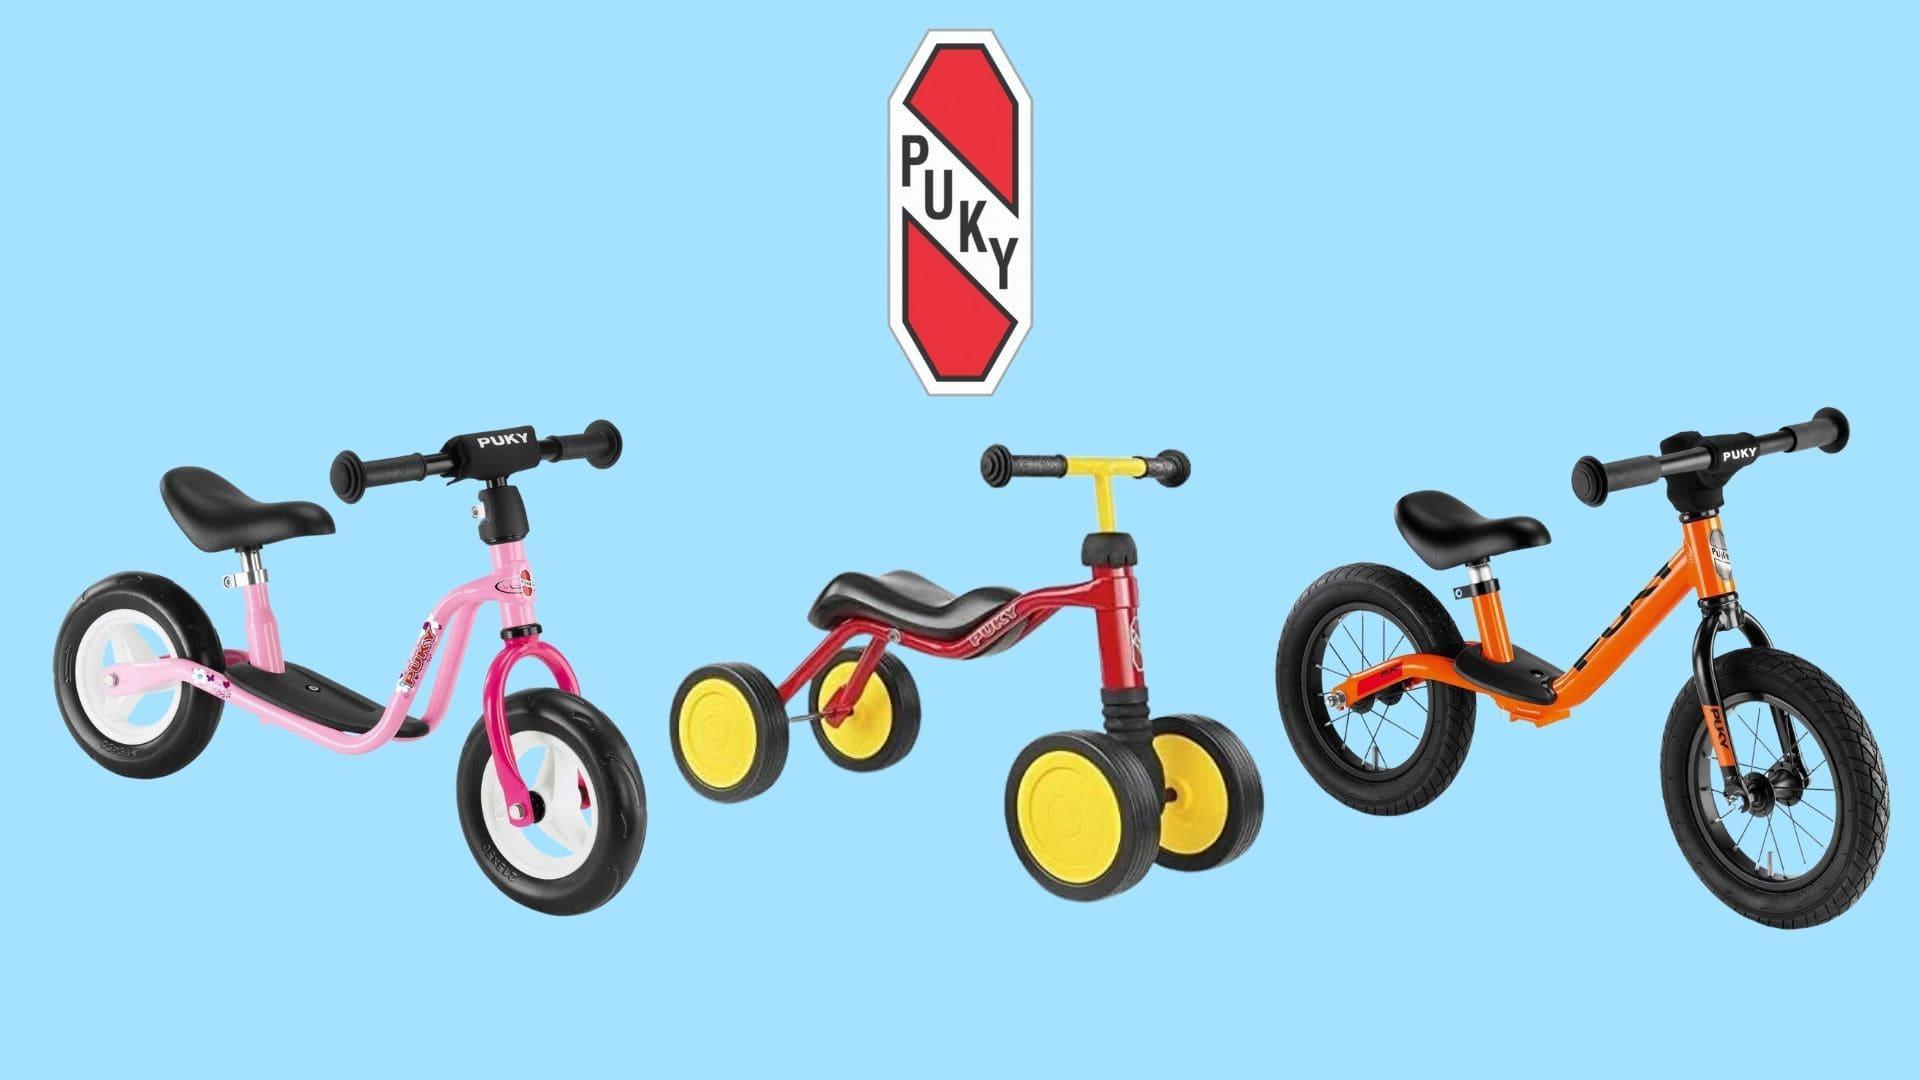 miglior-bici-senza-pedali-Puky